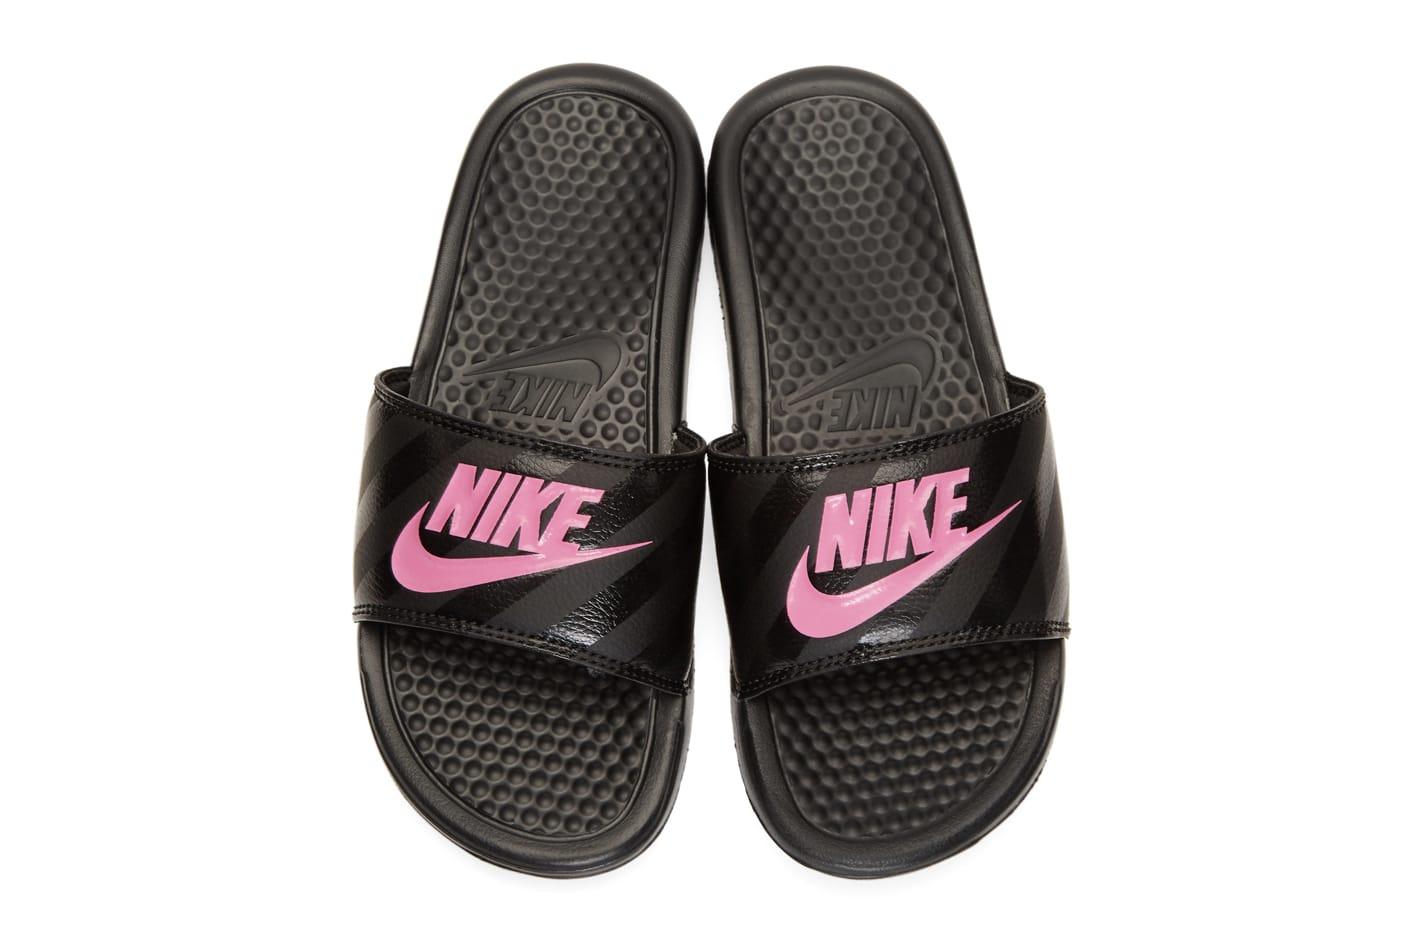 Nike Drops Benassi Slides in Black